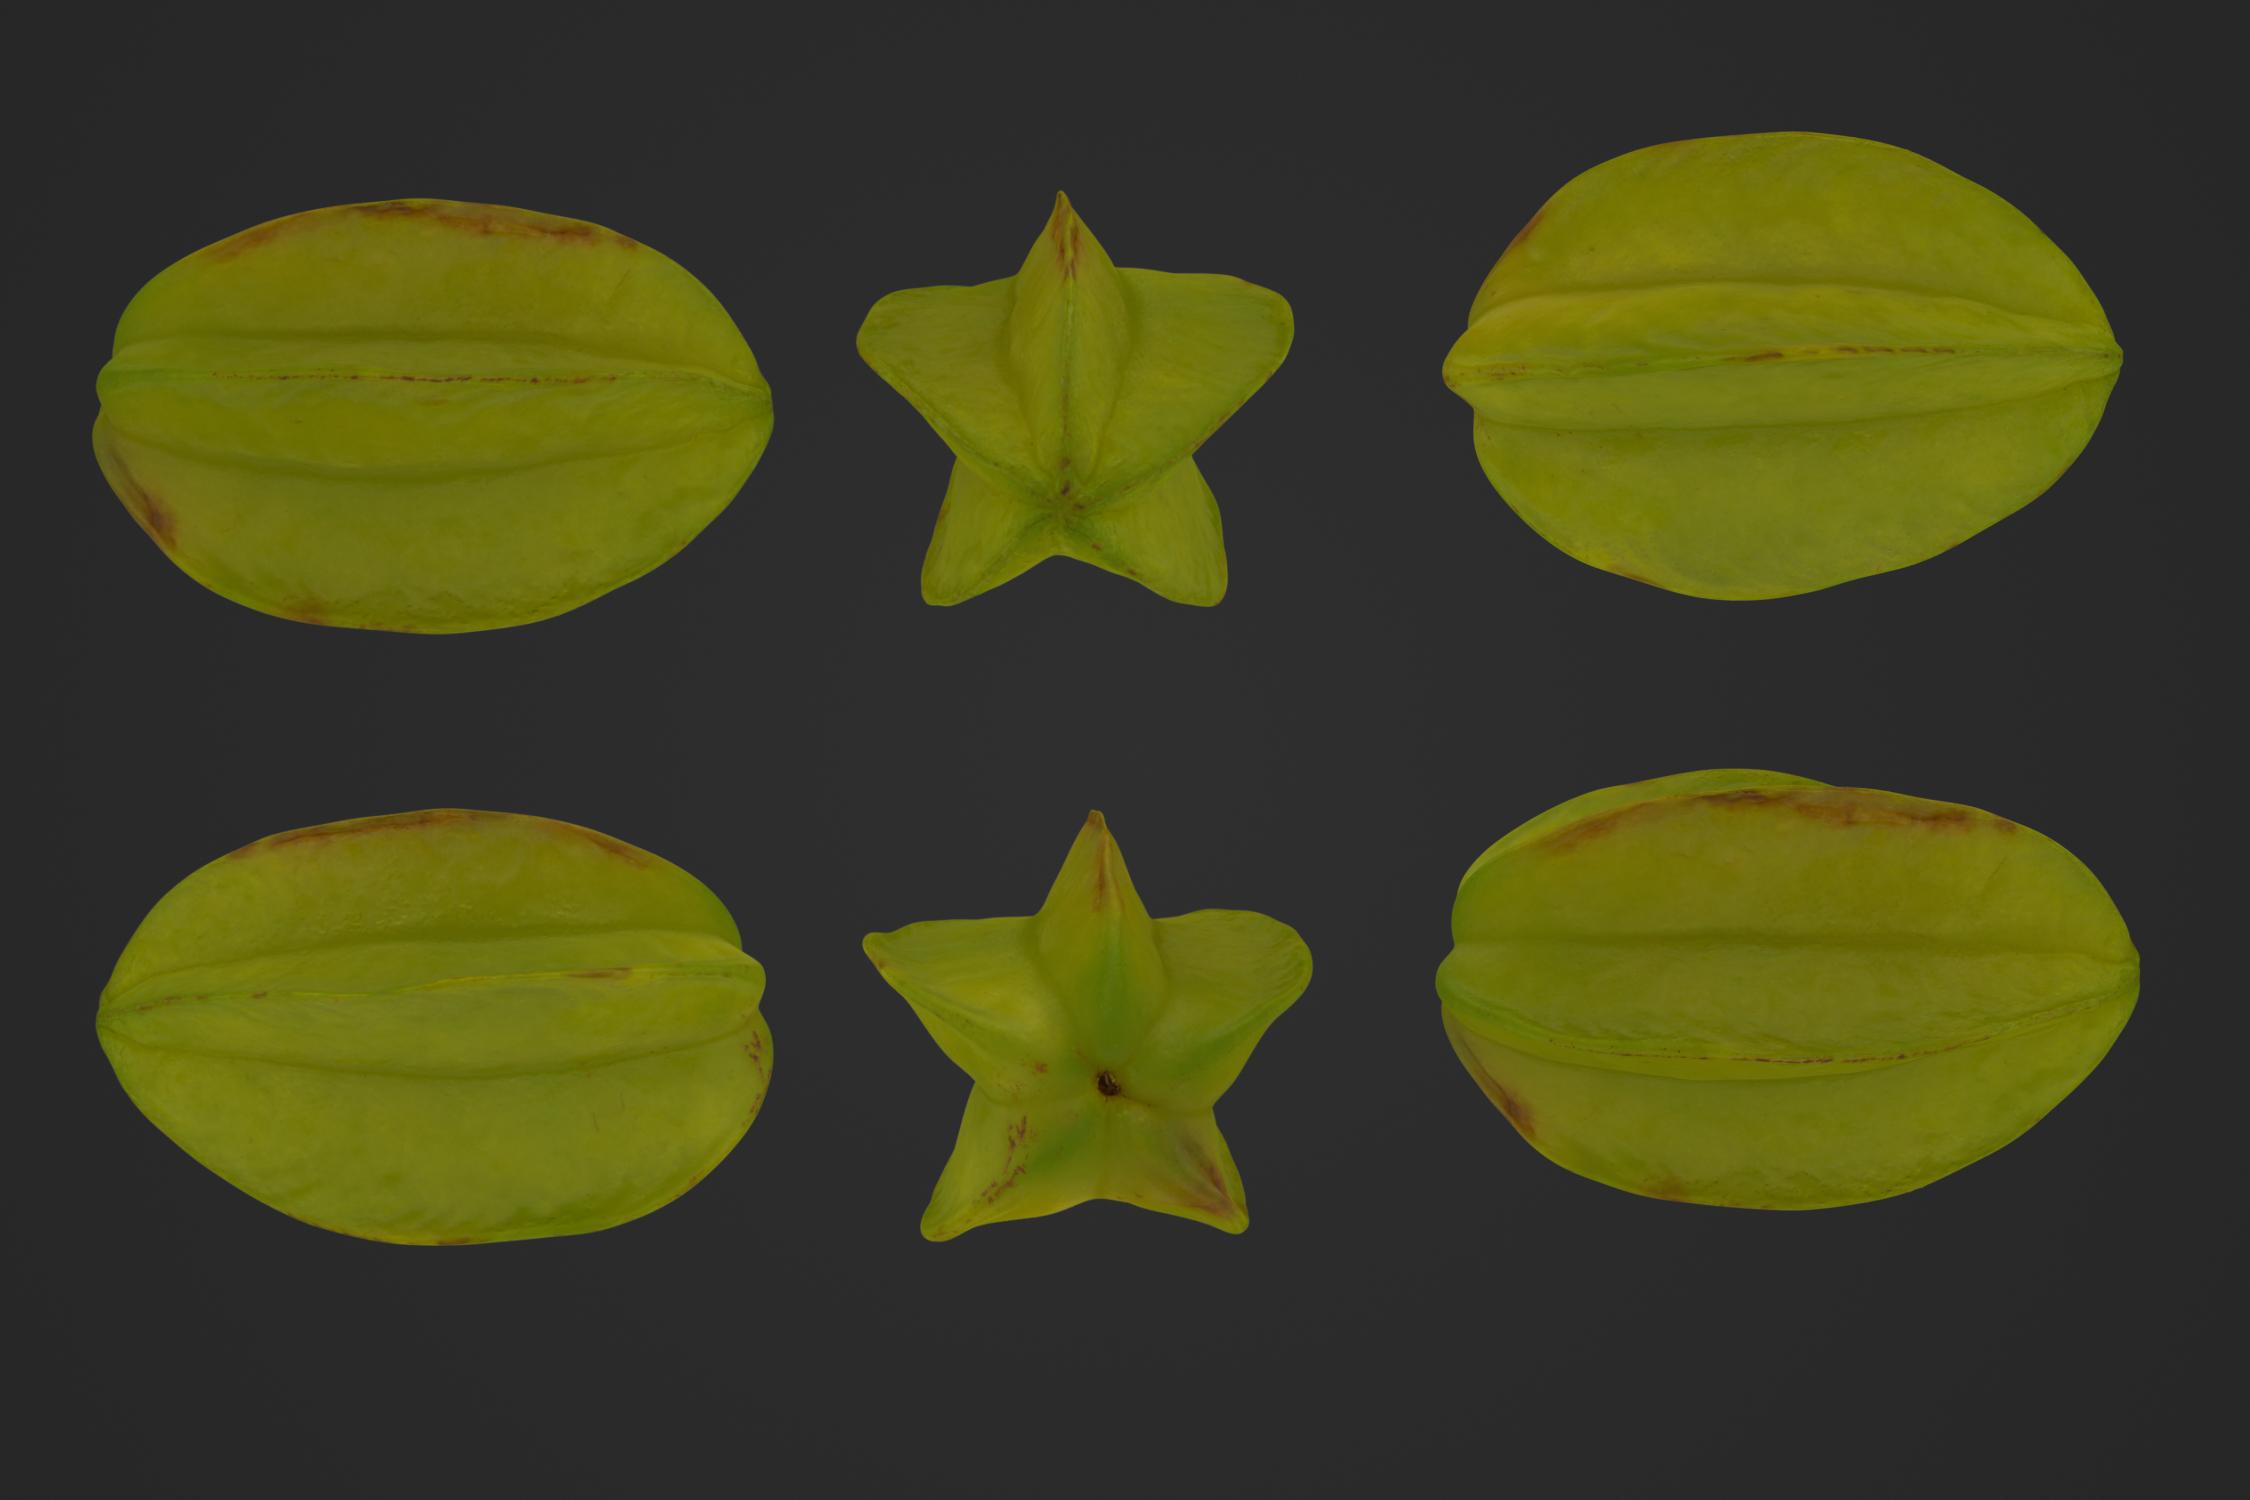 Star_Fruit_1_1.jpg